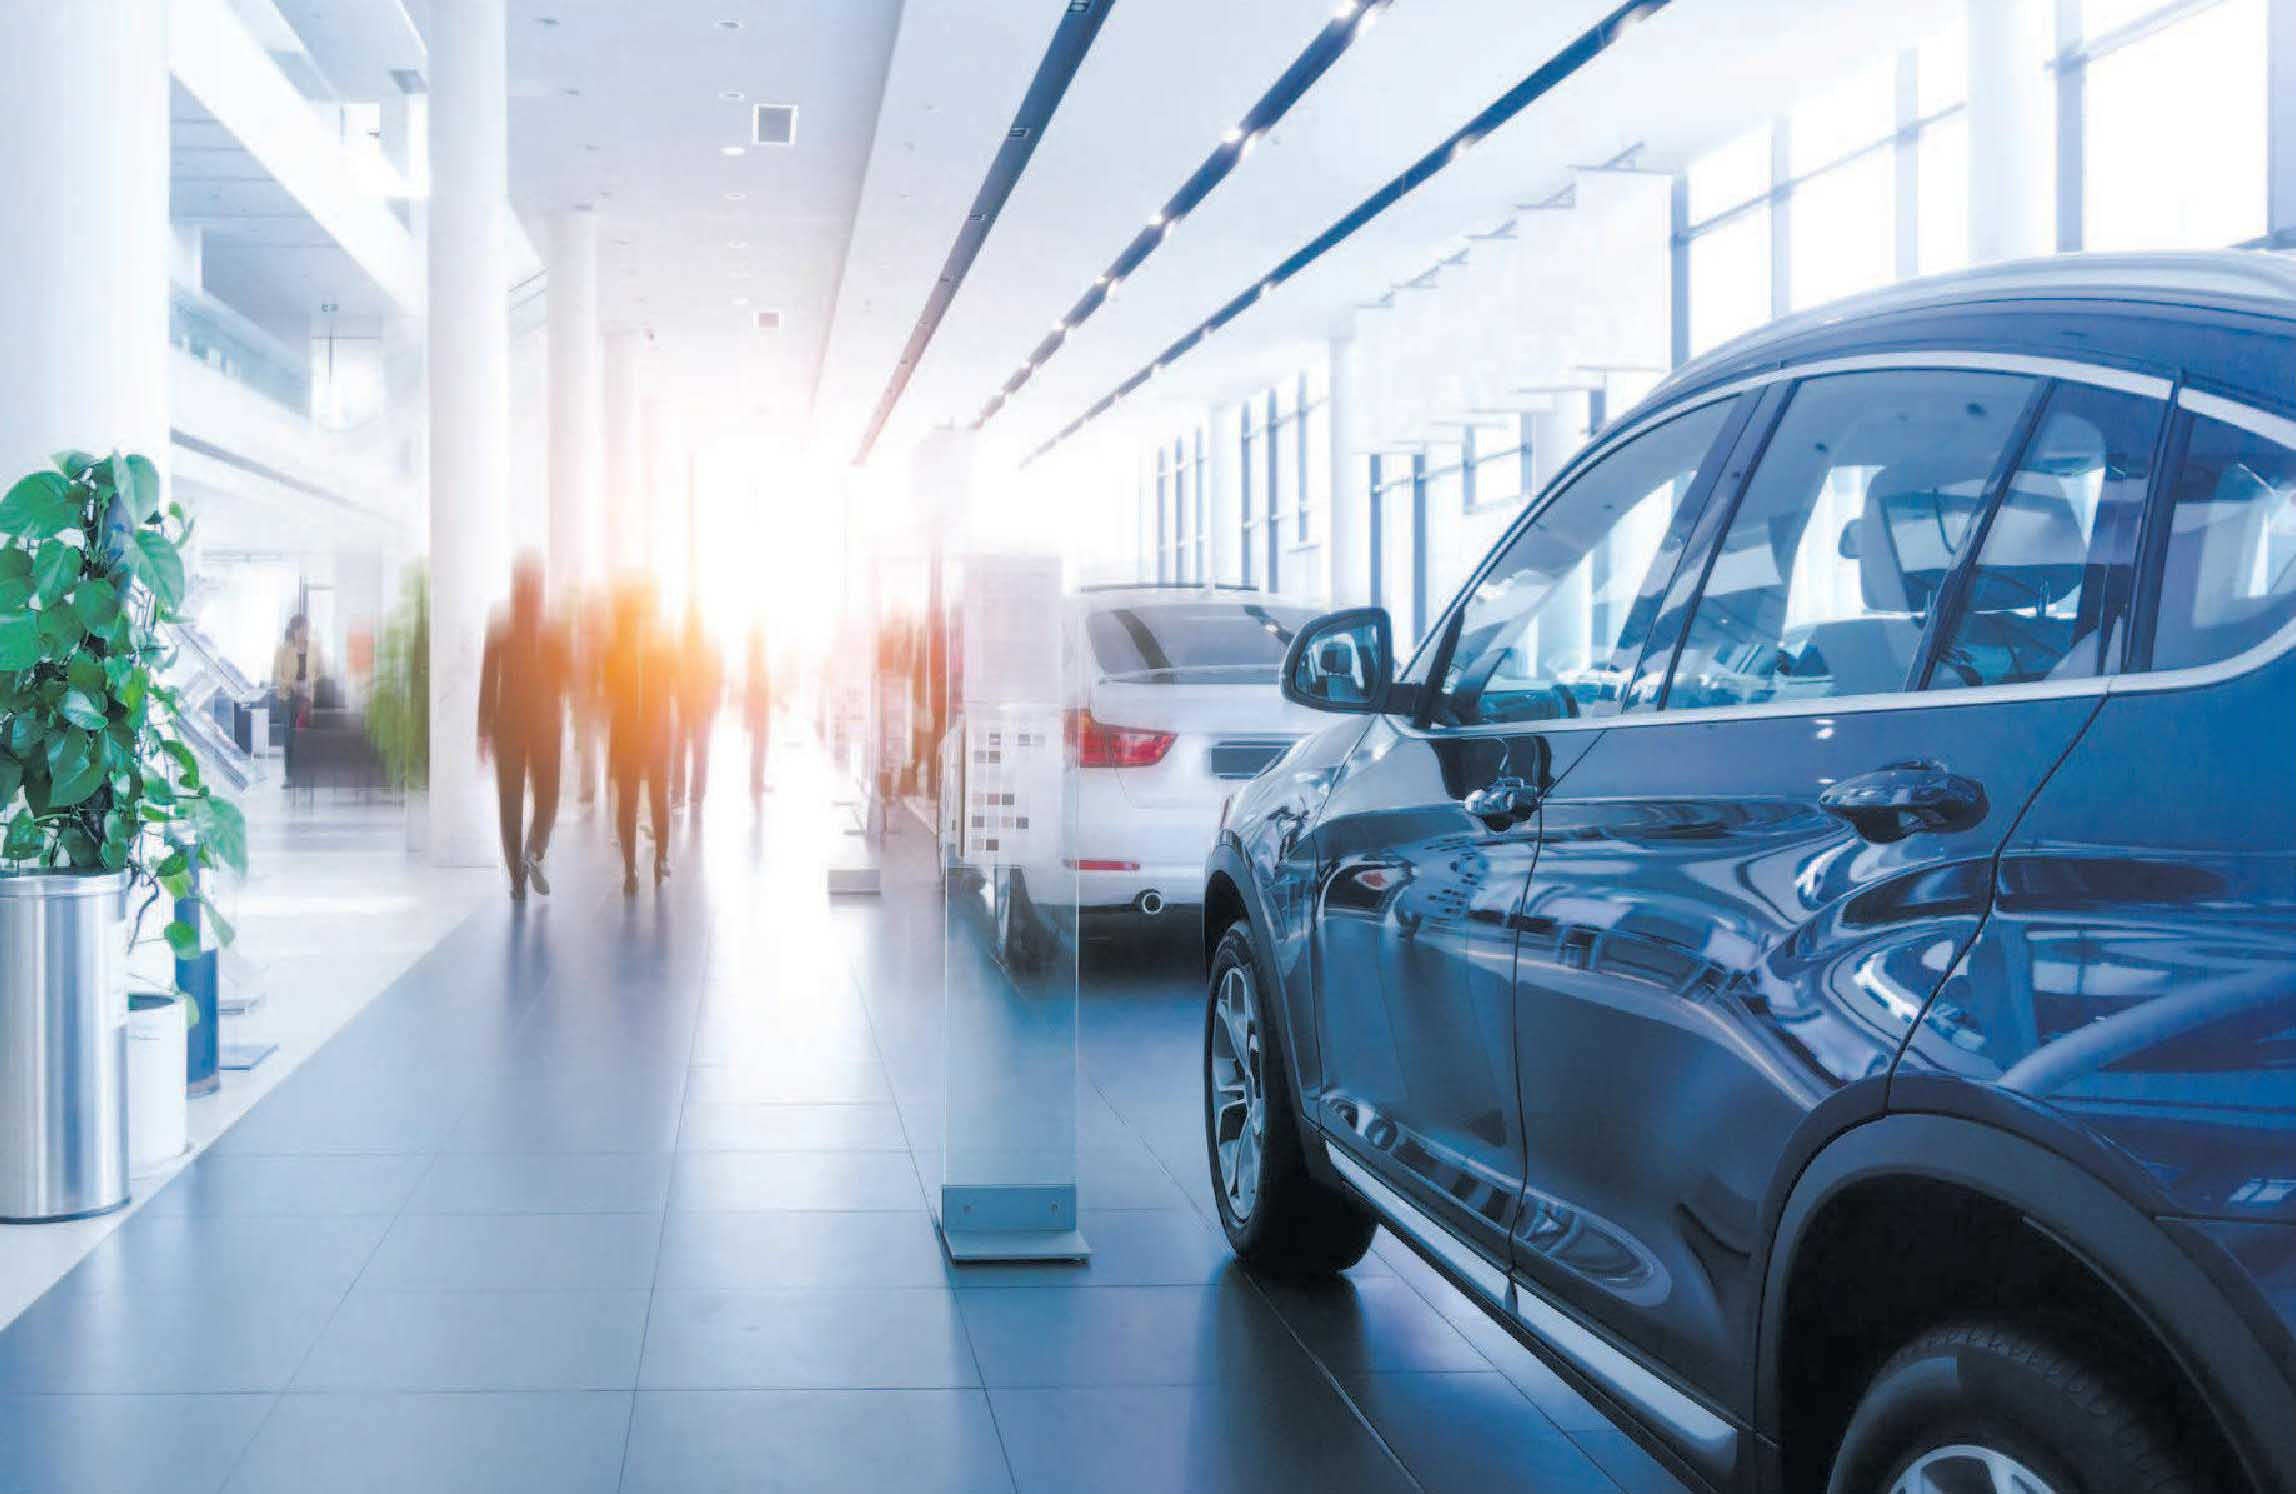 Mit 2,7 Prozent mehr Zulassungen bei Neuwagen im vergangenen Jahr ist die Branche sehr zufrieden.       Foto: SNVV/Adobe.Stock.com